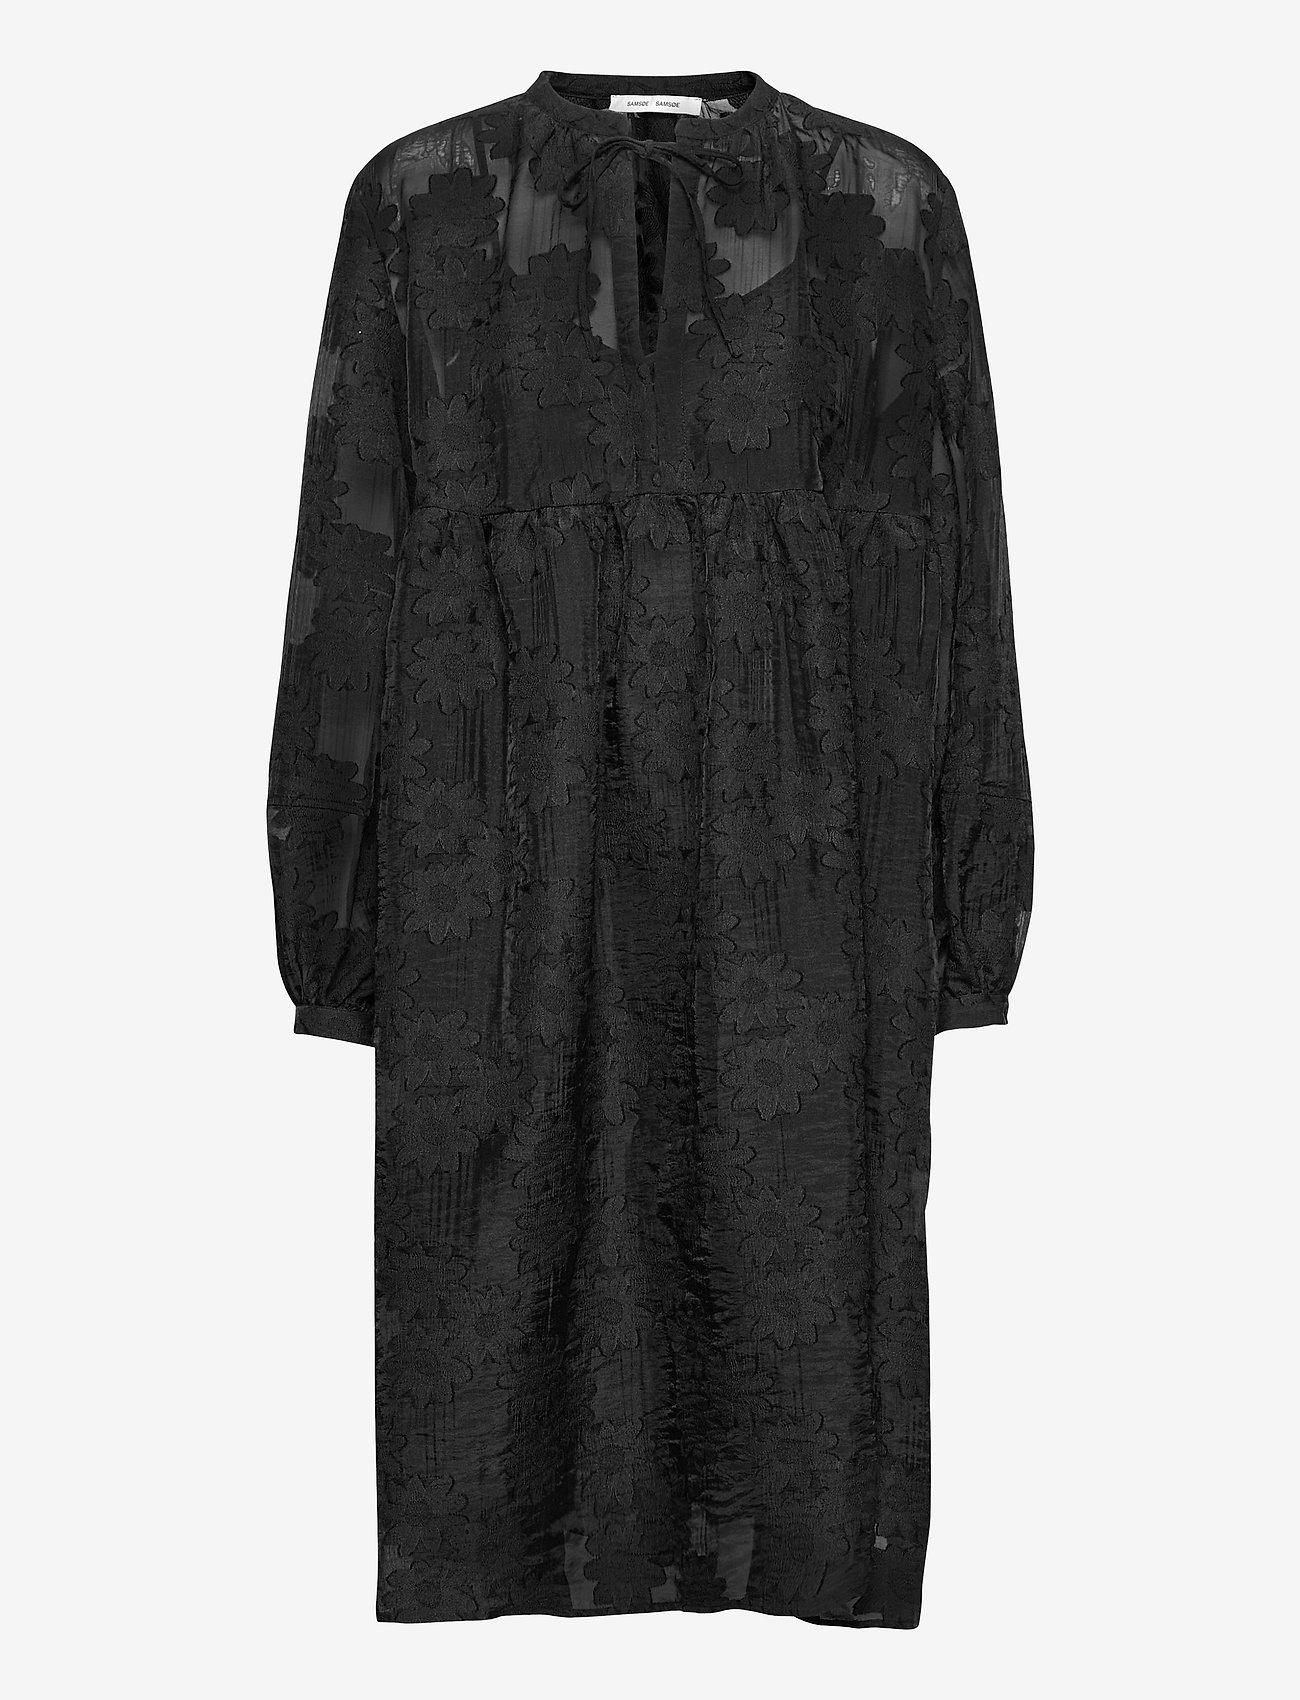 Samsøe Samsøe - Mynthe dress 13049 - blondekjoler - black - 1